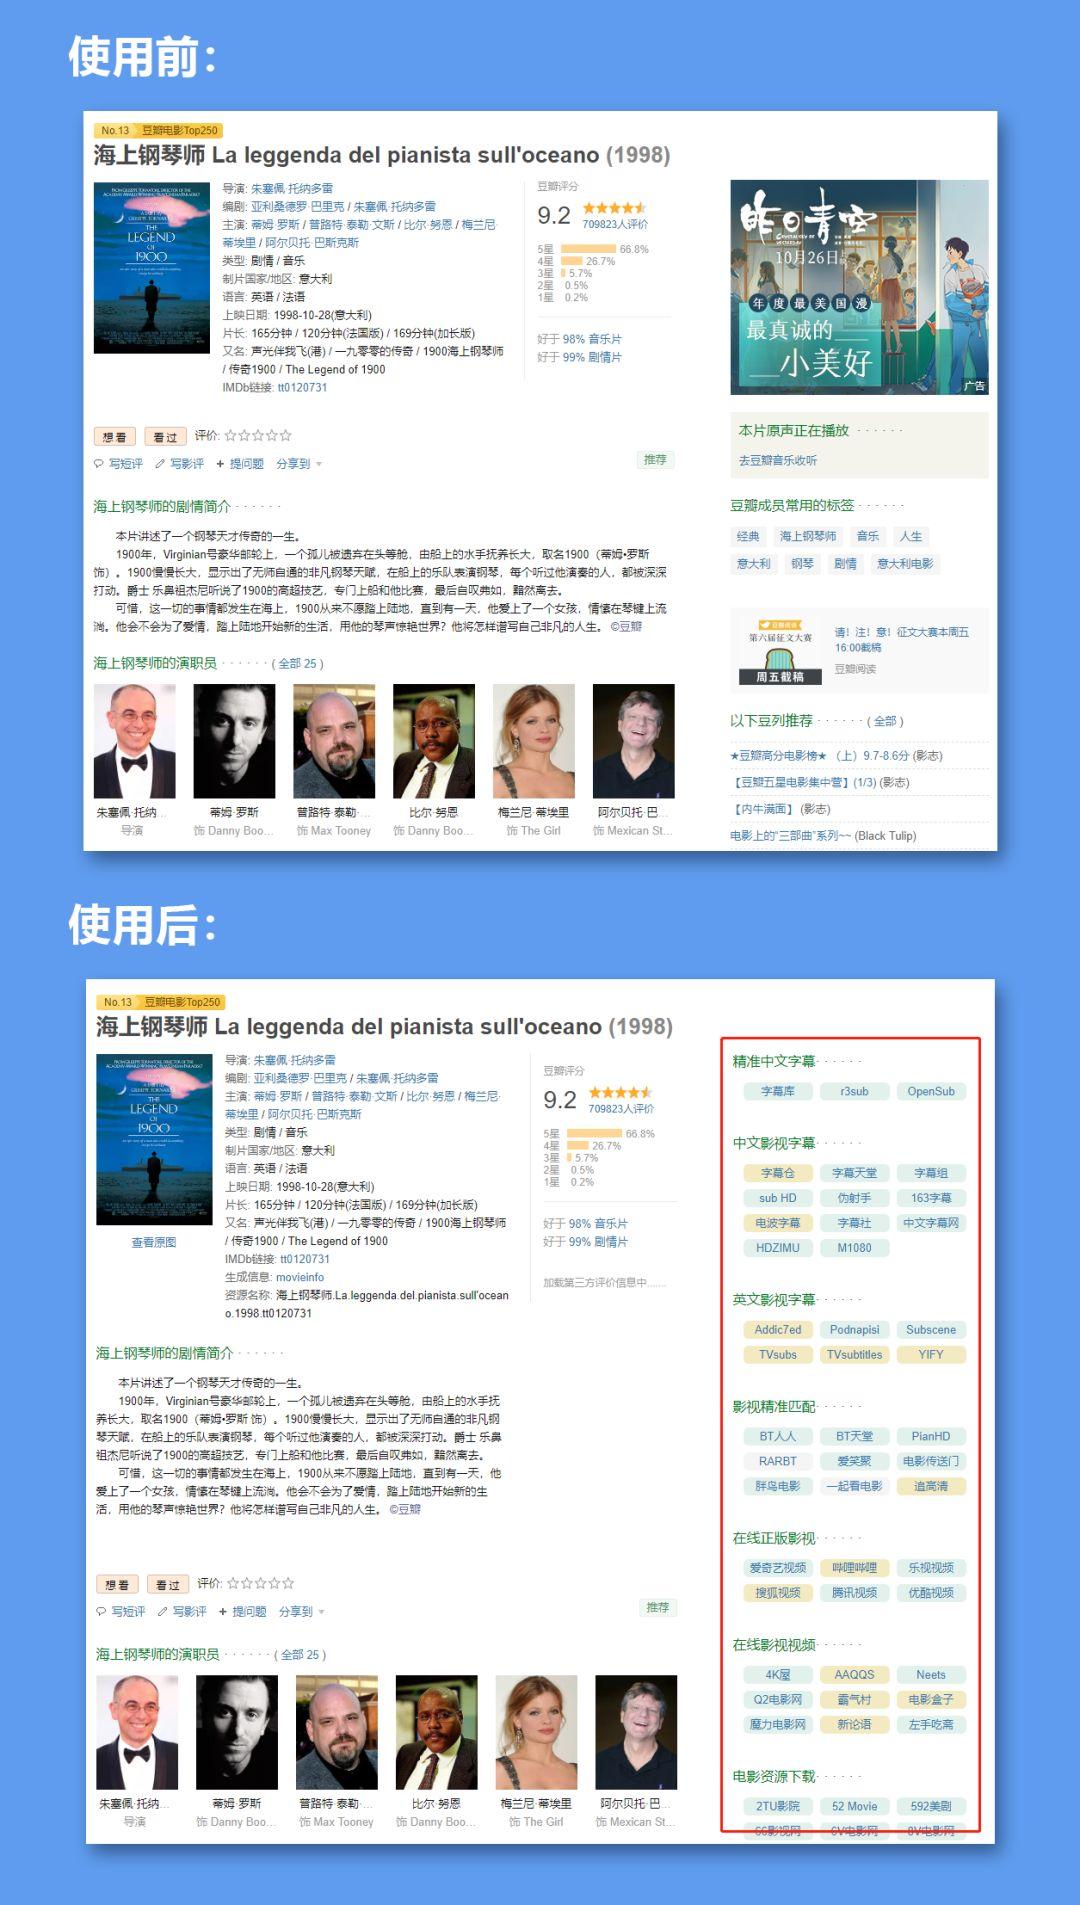 油猴 -Tampermonkey:浏览器必备的扩展神器,屏蔽广告 / 看视频 / 无限制